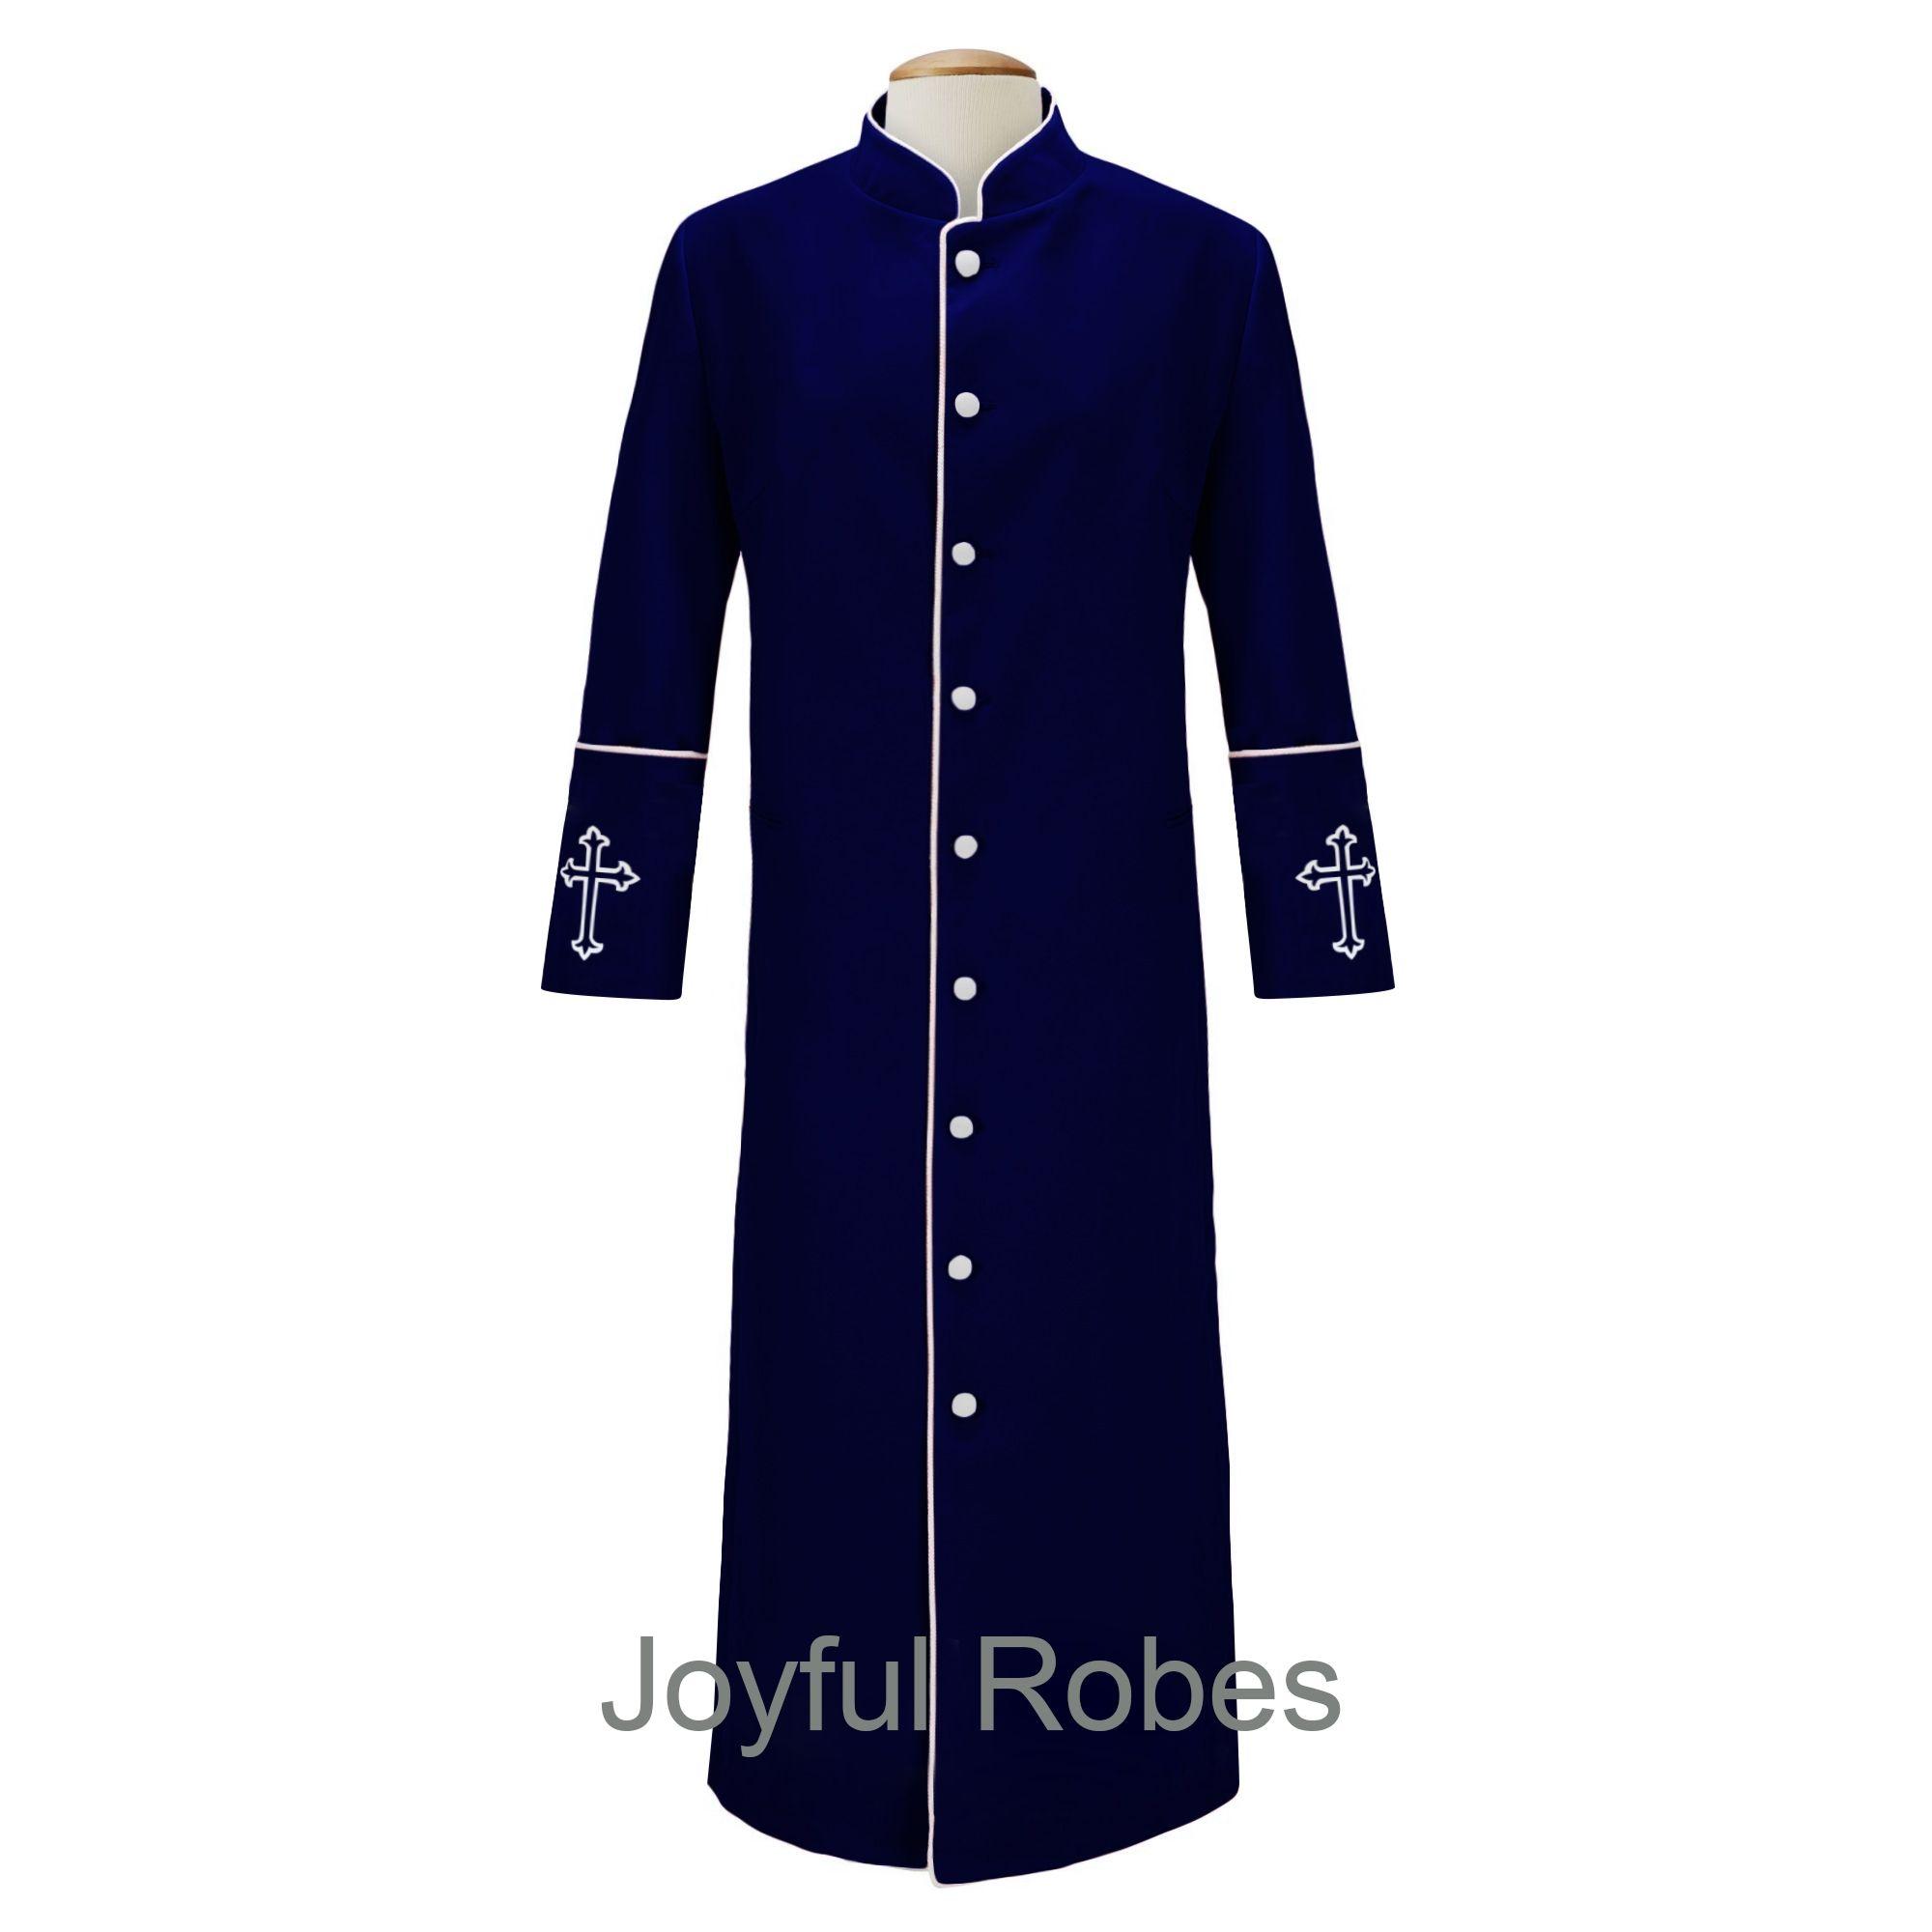 206 M. Men's Clergy/Pastor Robe Navy/White Design